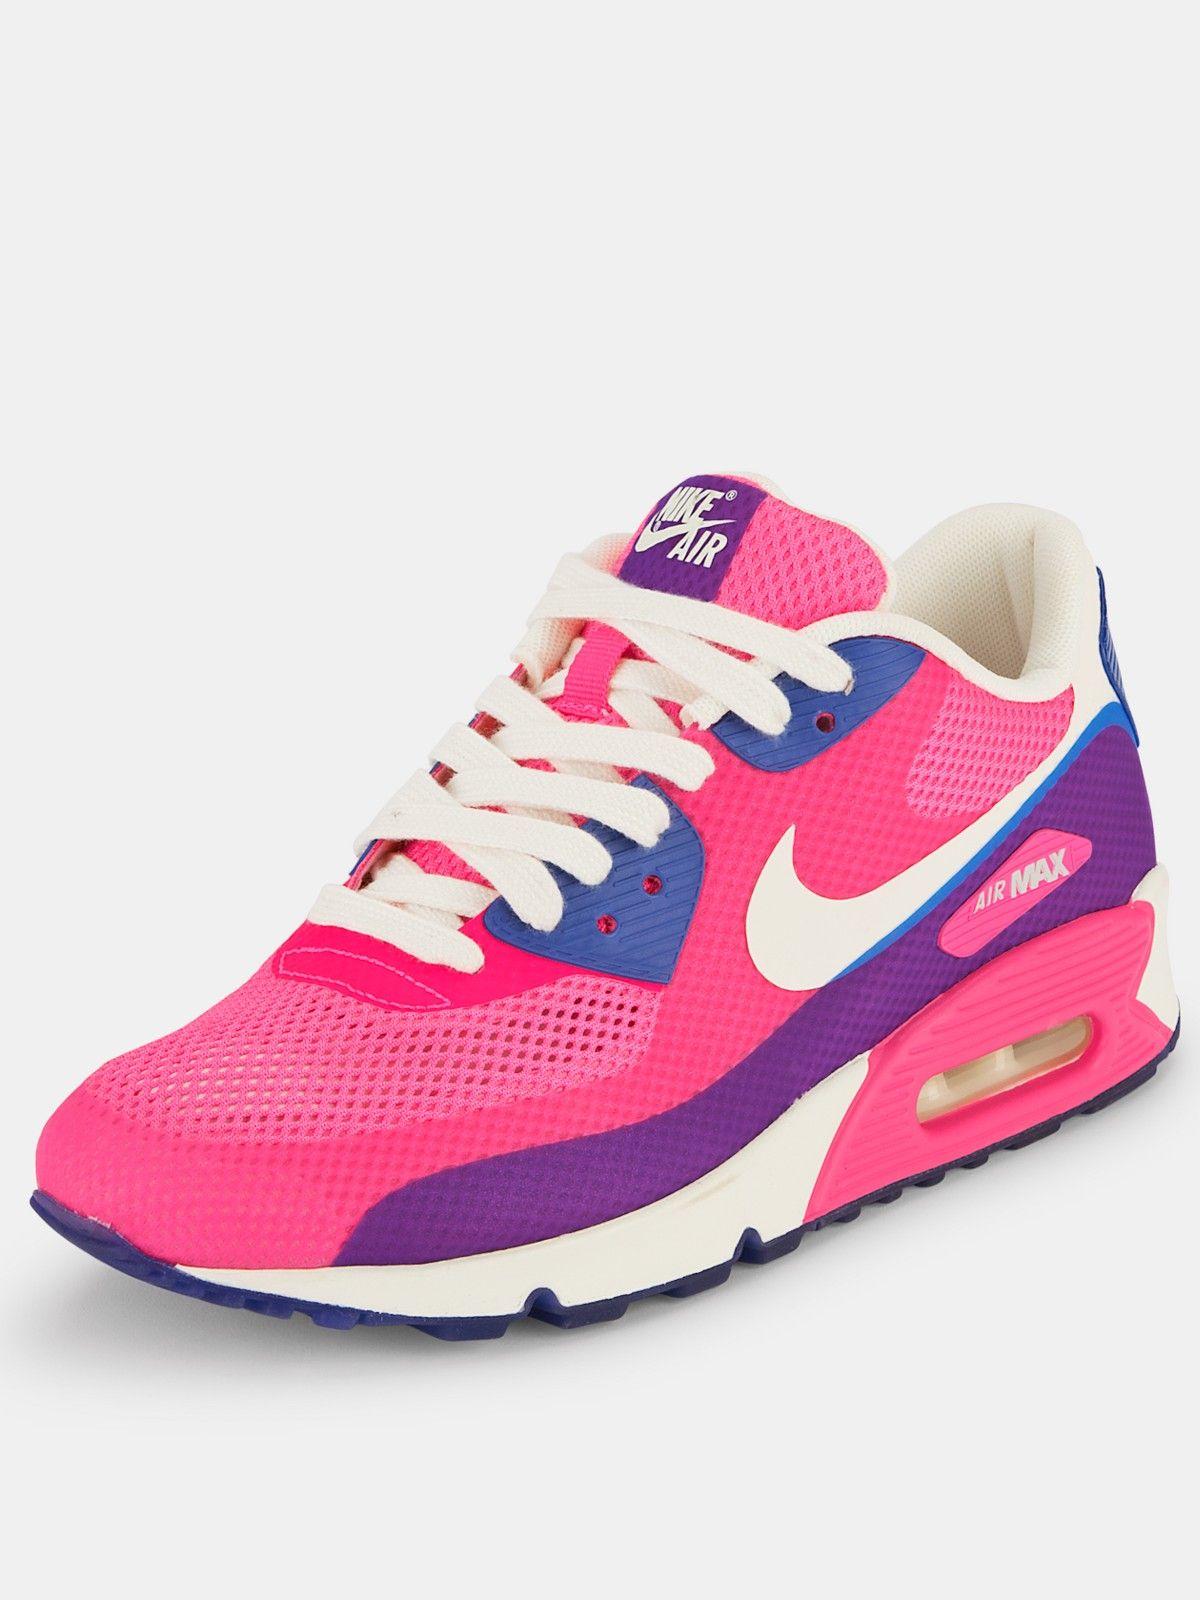 55aaed1e04e4b4 Nike Air Max 90 WMNS Hyperfuse PRM